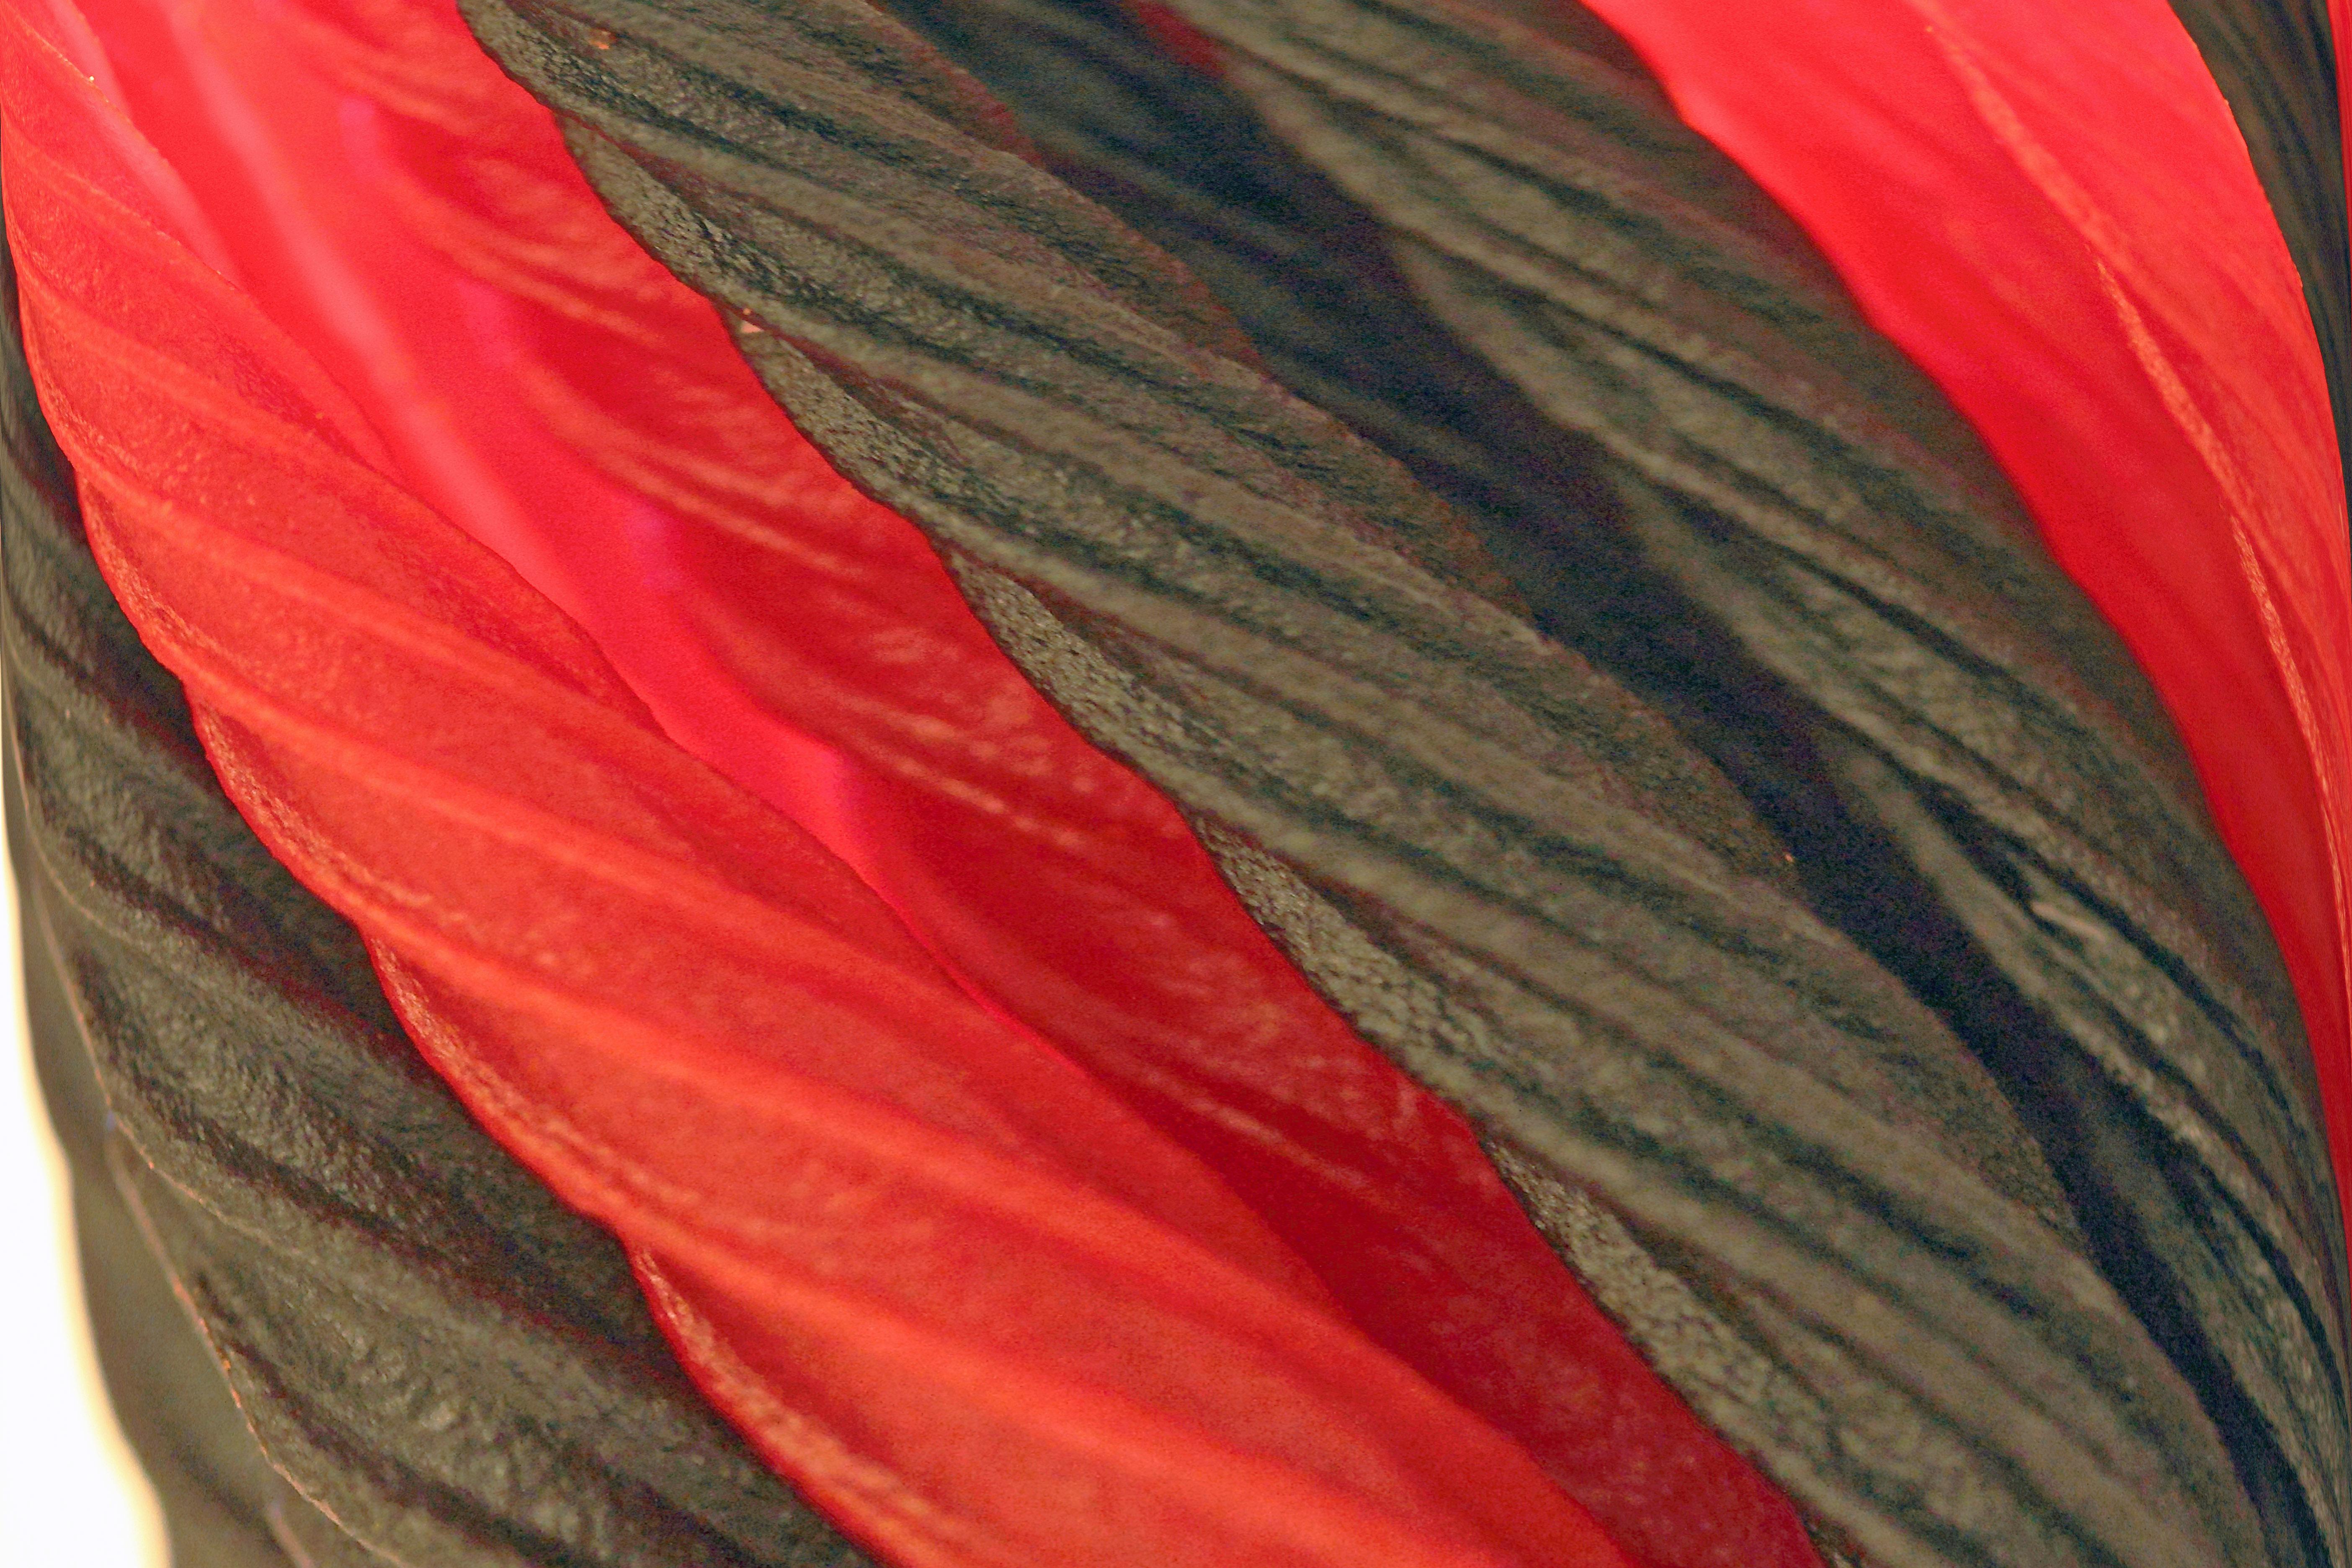 2c54aca8 Gratis billeder : vinge, blad, blomst, kronblad, rød, farve, flag, canon,  tøj, junk, sort, materiale, tæt på, tekstil, vinstokke, eos, lugt, angreb,  slik, ...